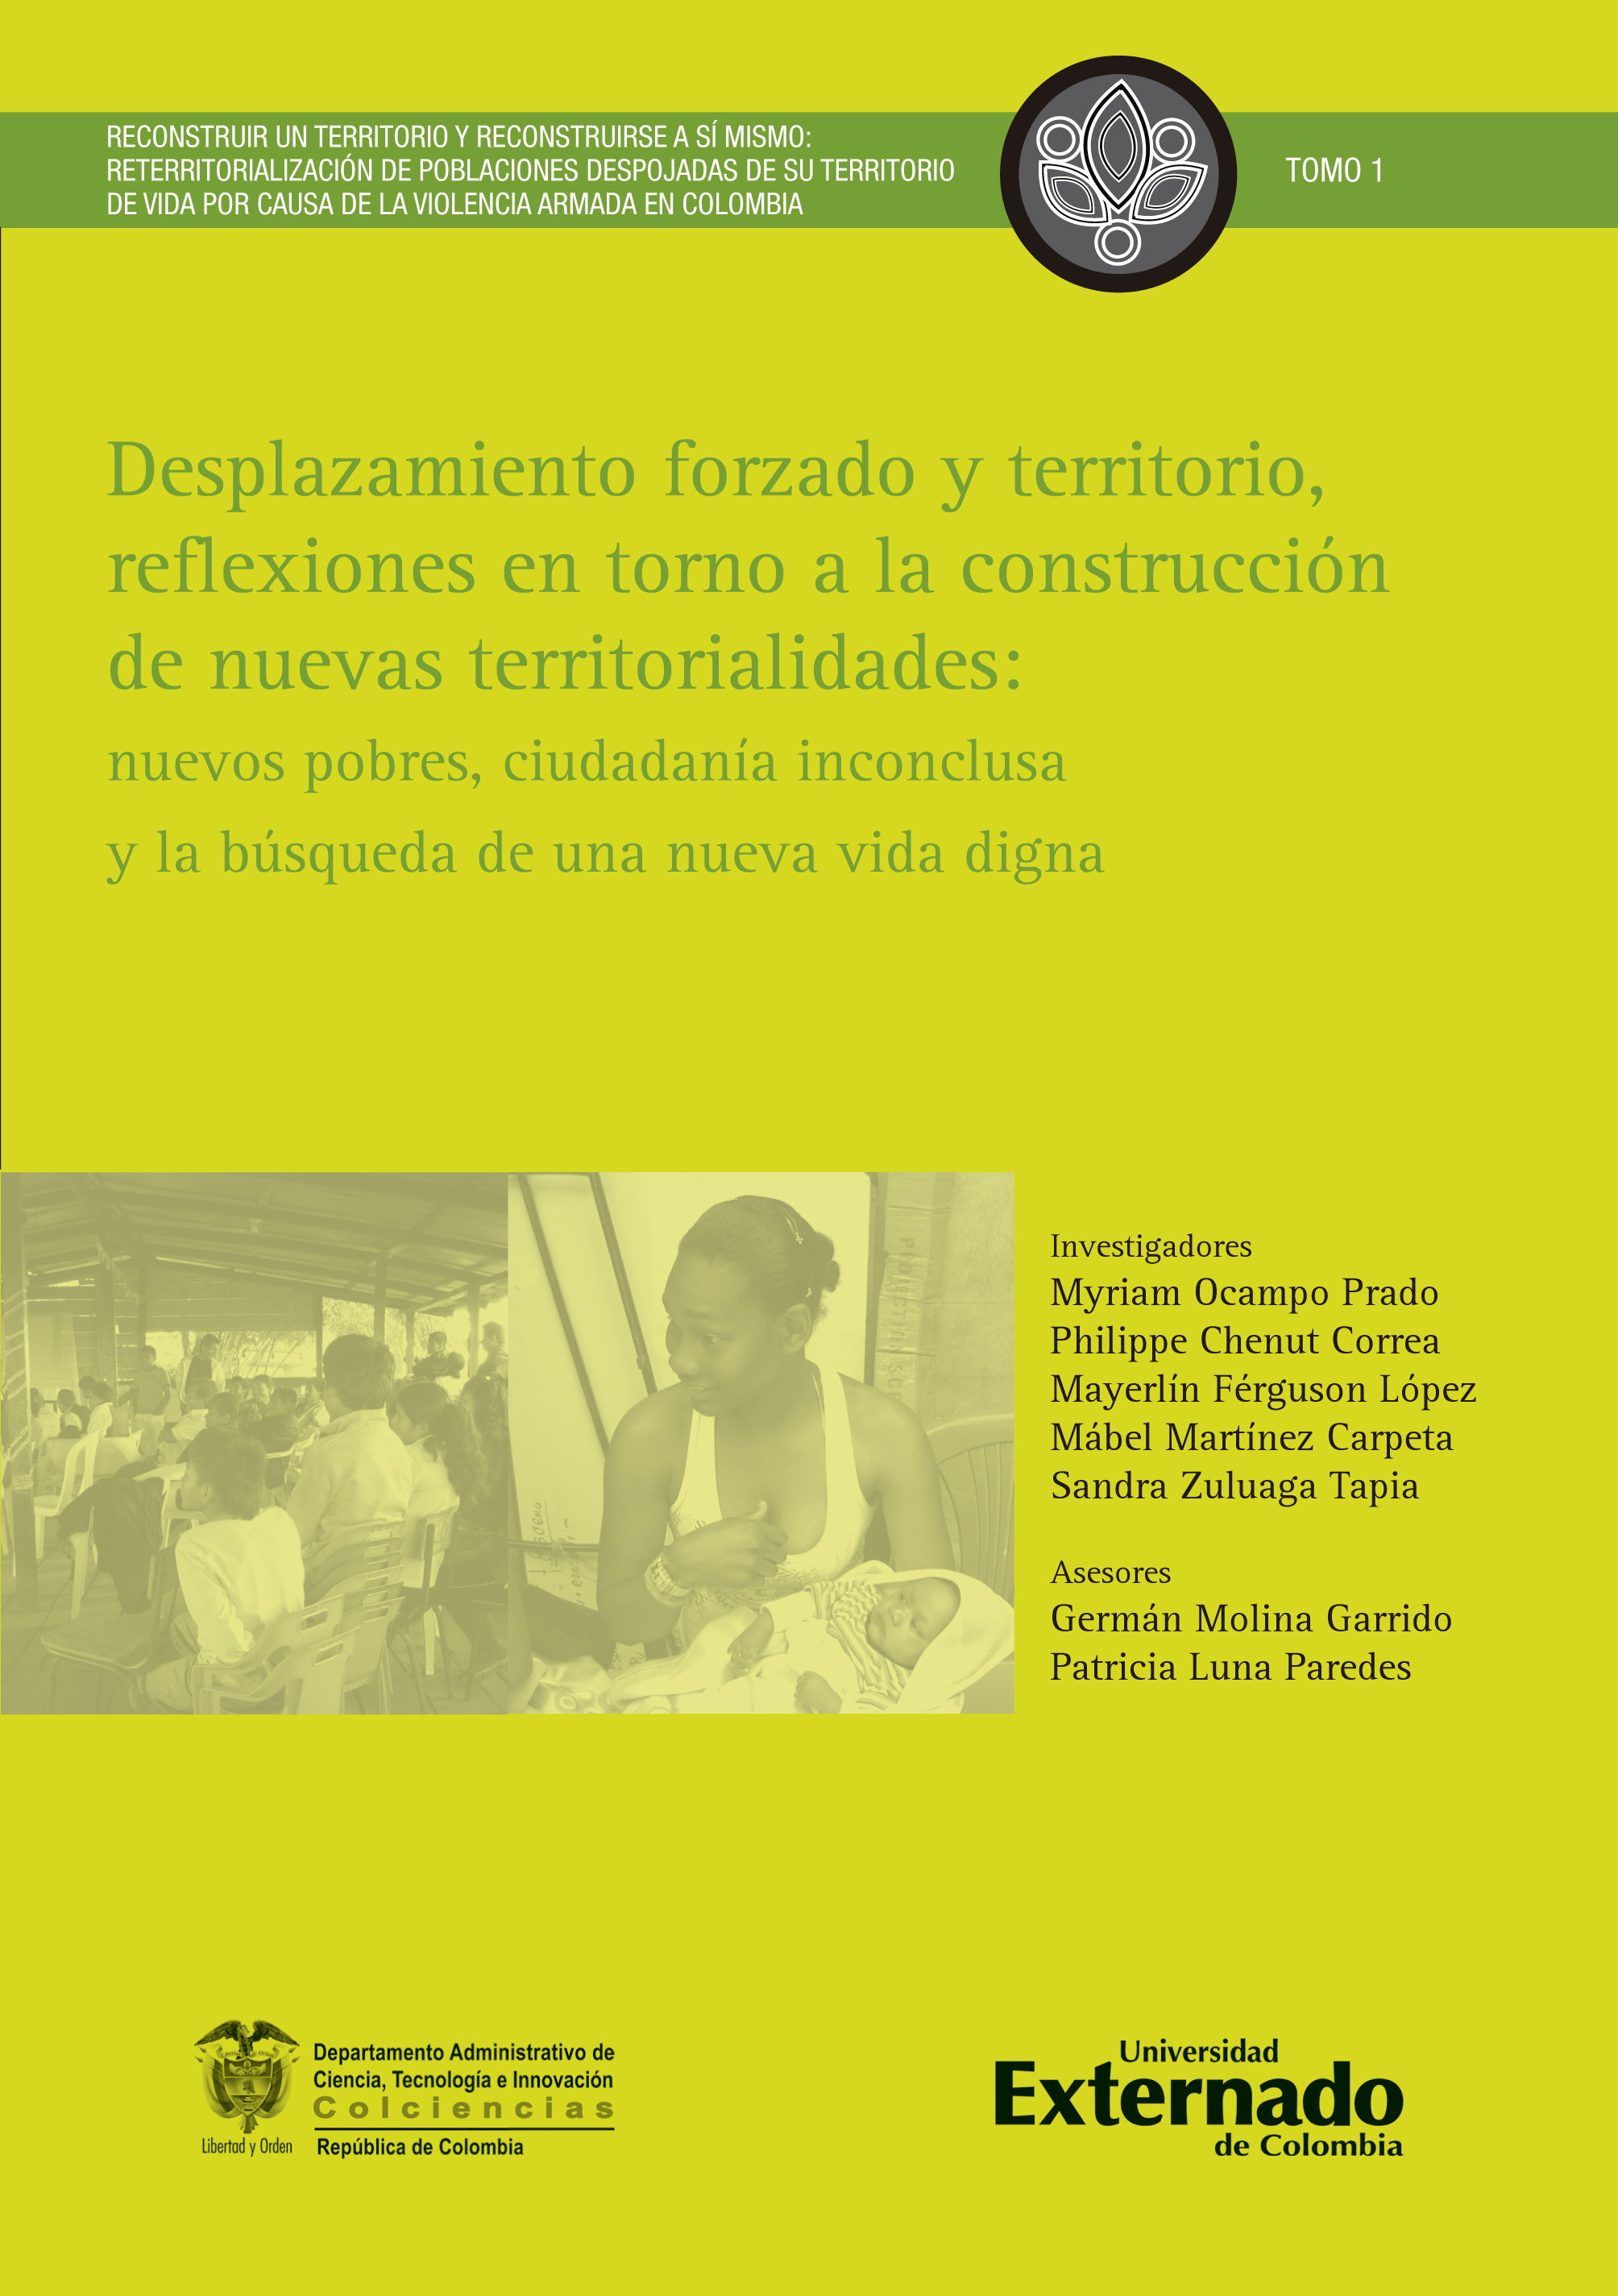 Desplazamiento forzado y territorio, reflexiones en torno a la construcción de nuevas territorialidades